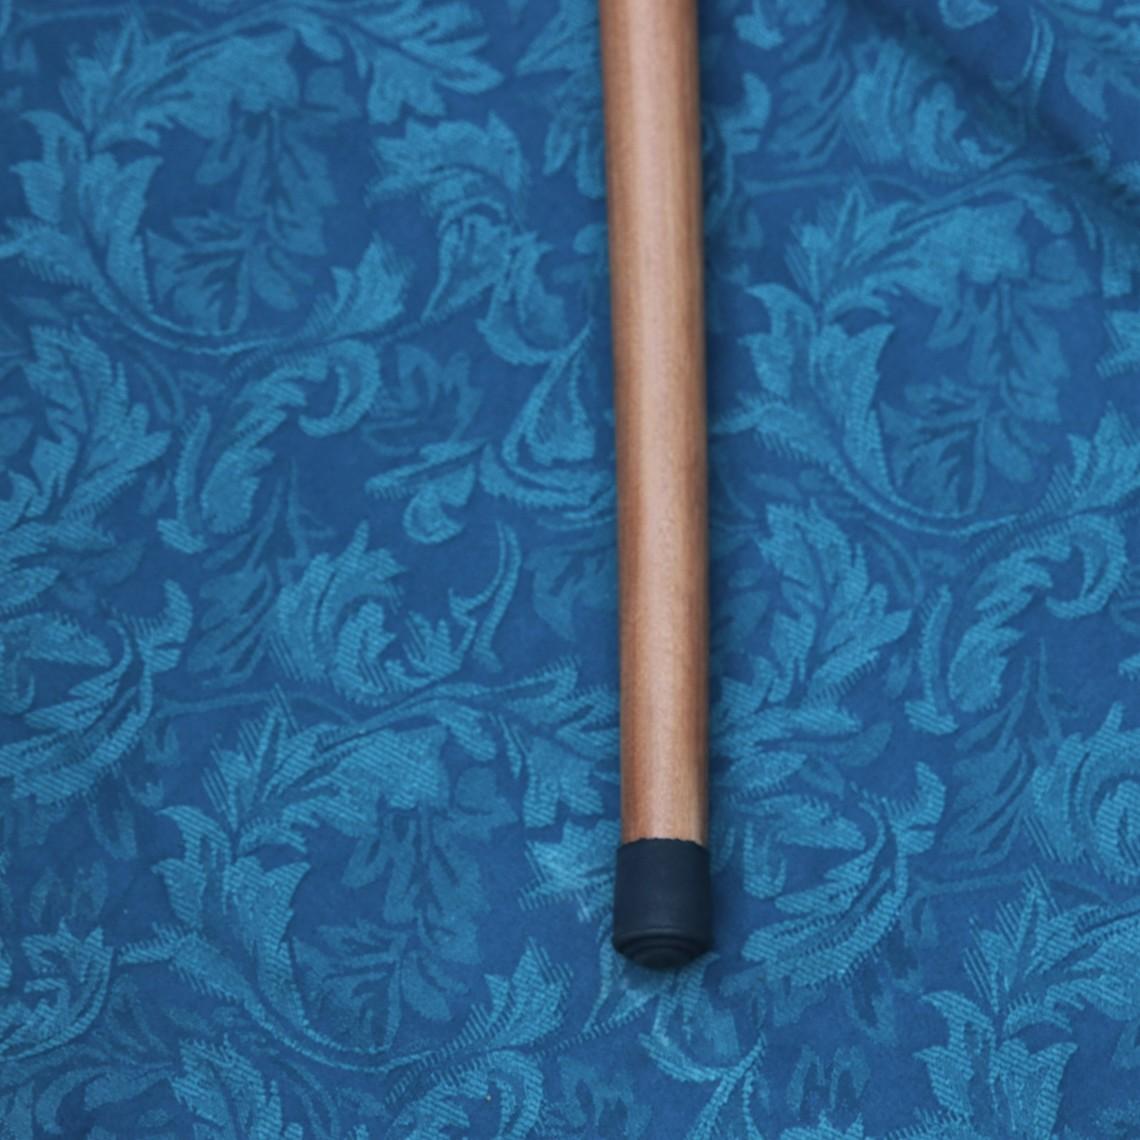 Windlass Steelcrafts Drewniana laska z maczugą